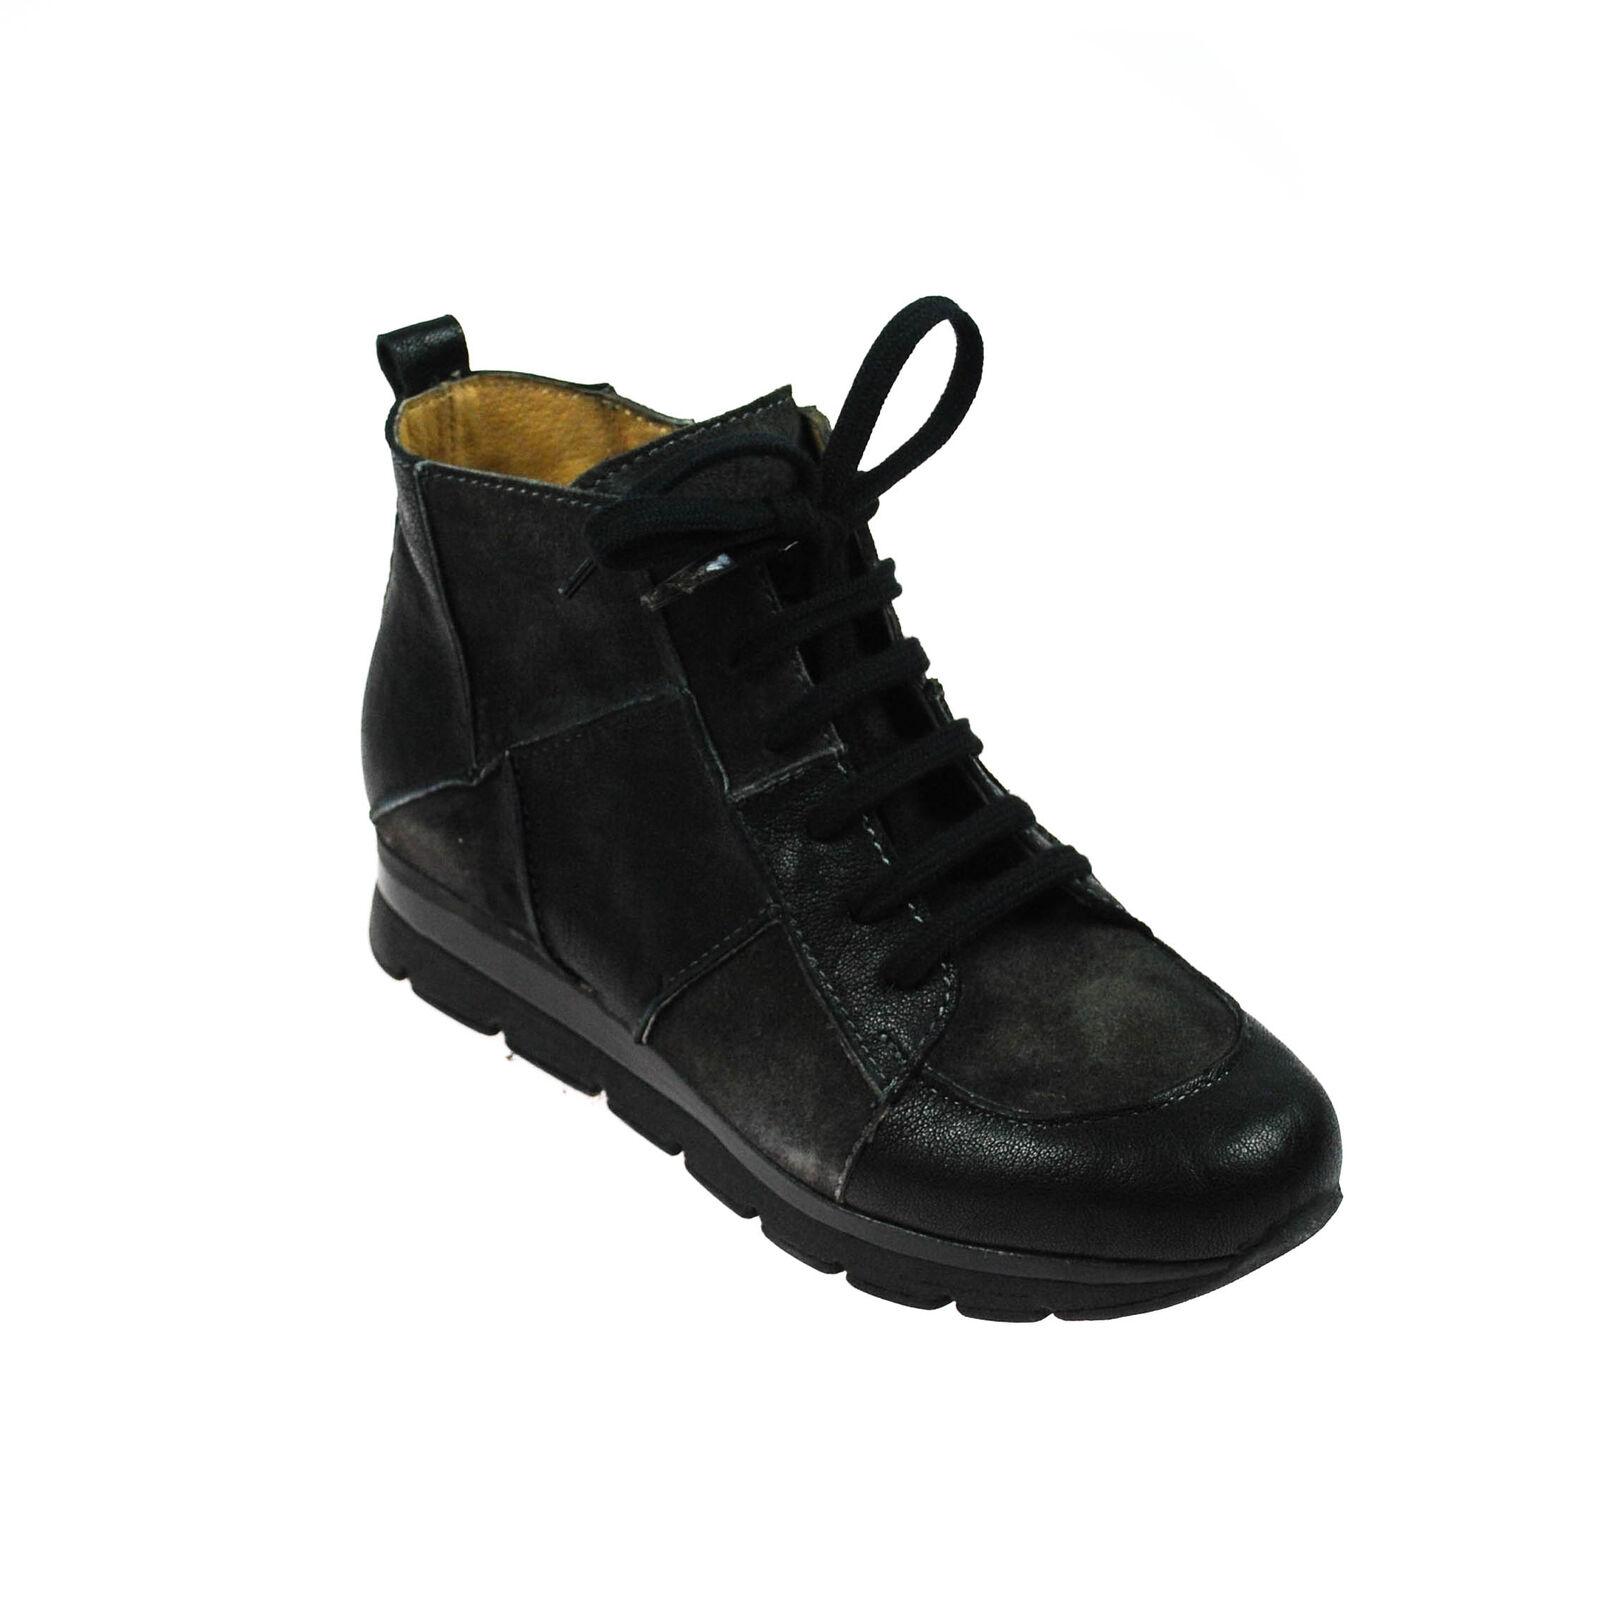 Fascino scarpe da ginnastica Donna High Top Pelle Nero Grigio Marronee MultiColoreeee Misura 37